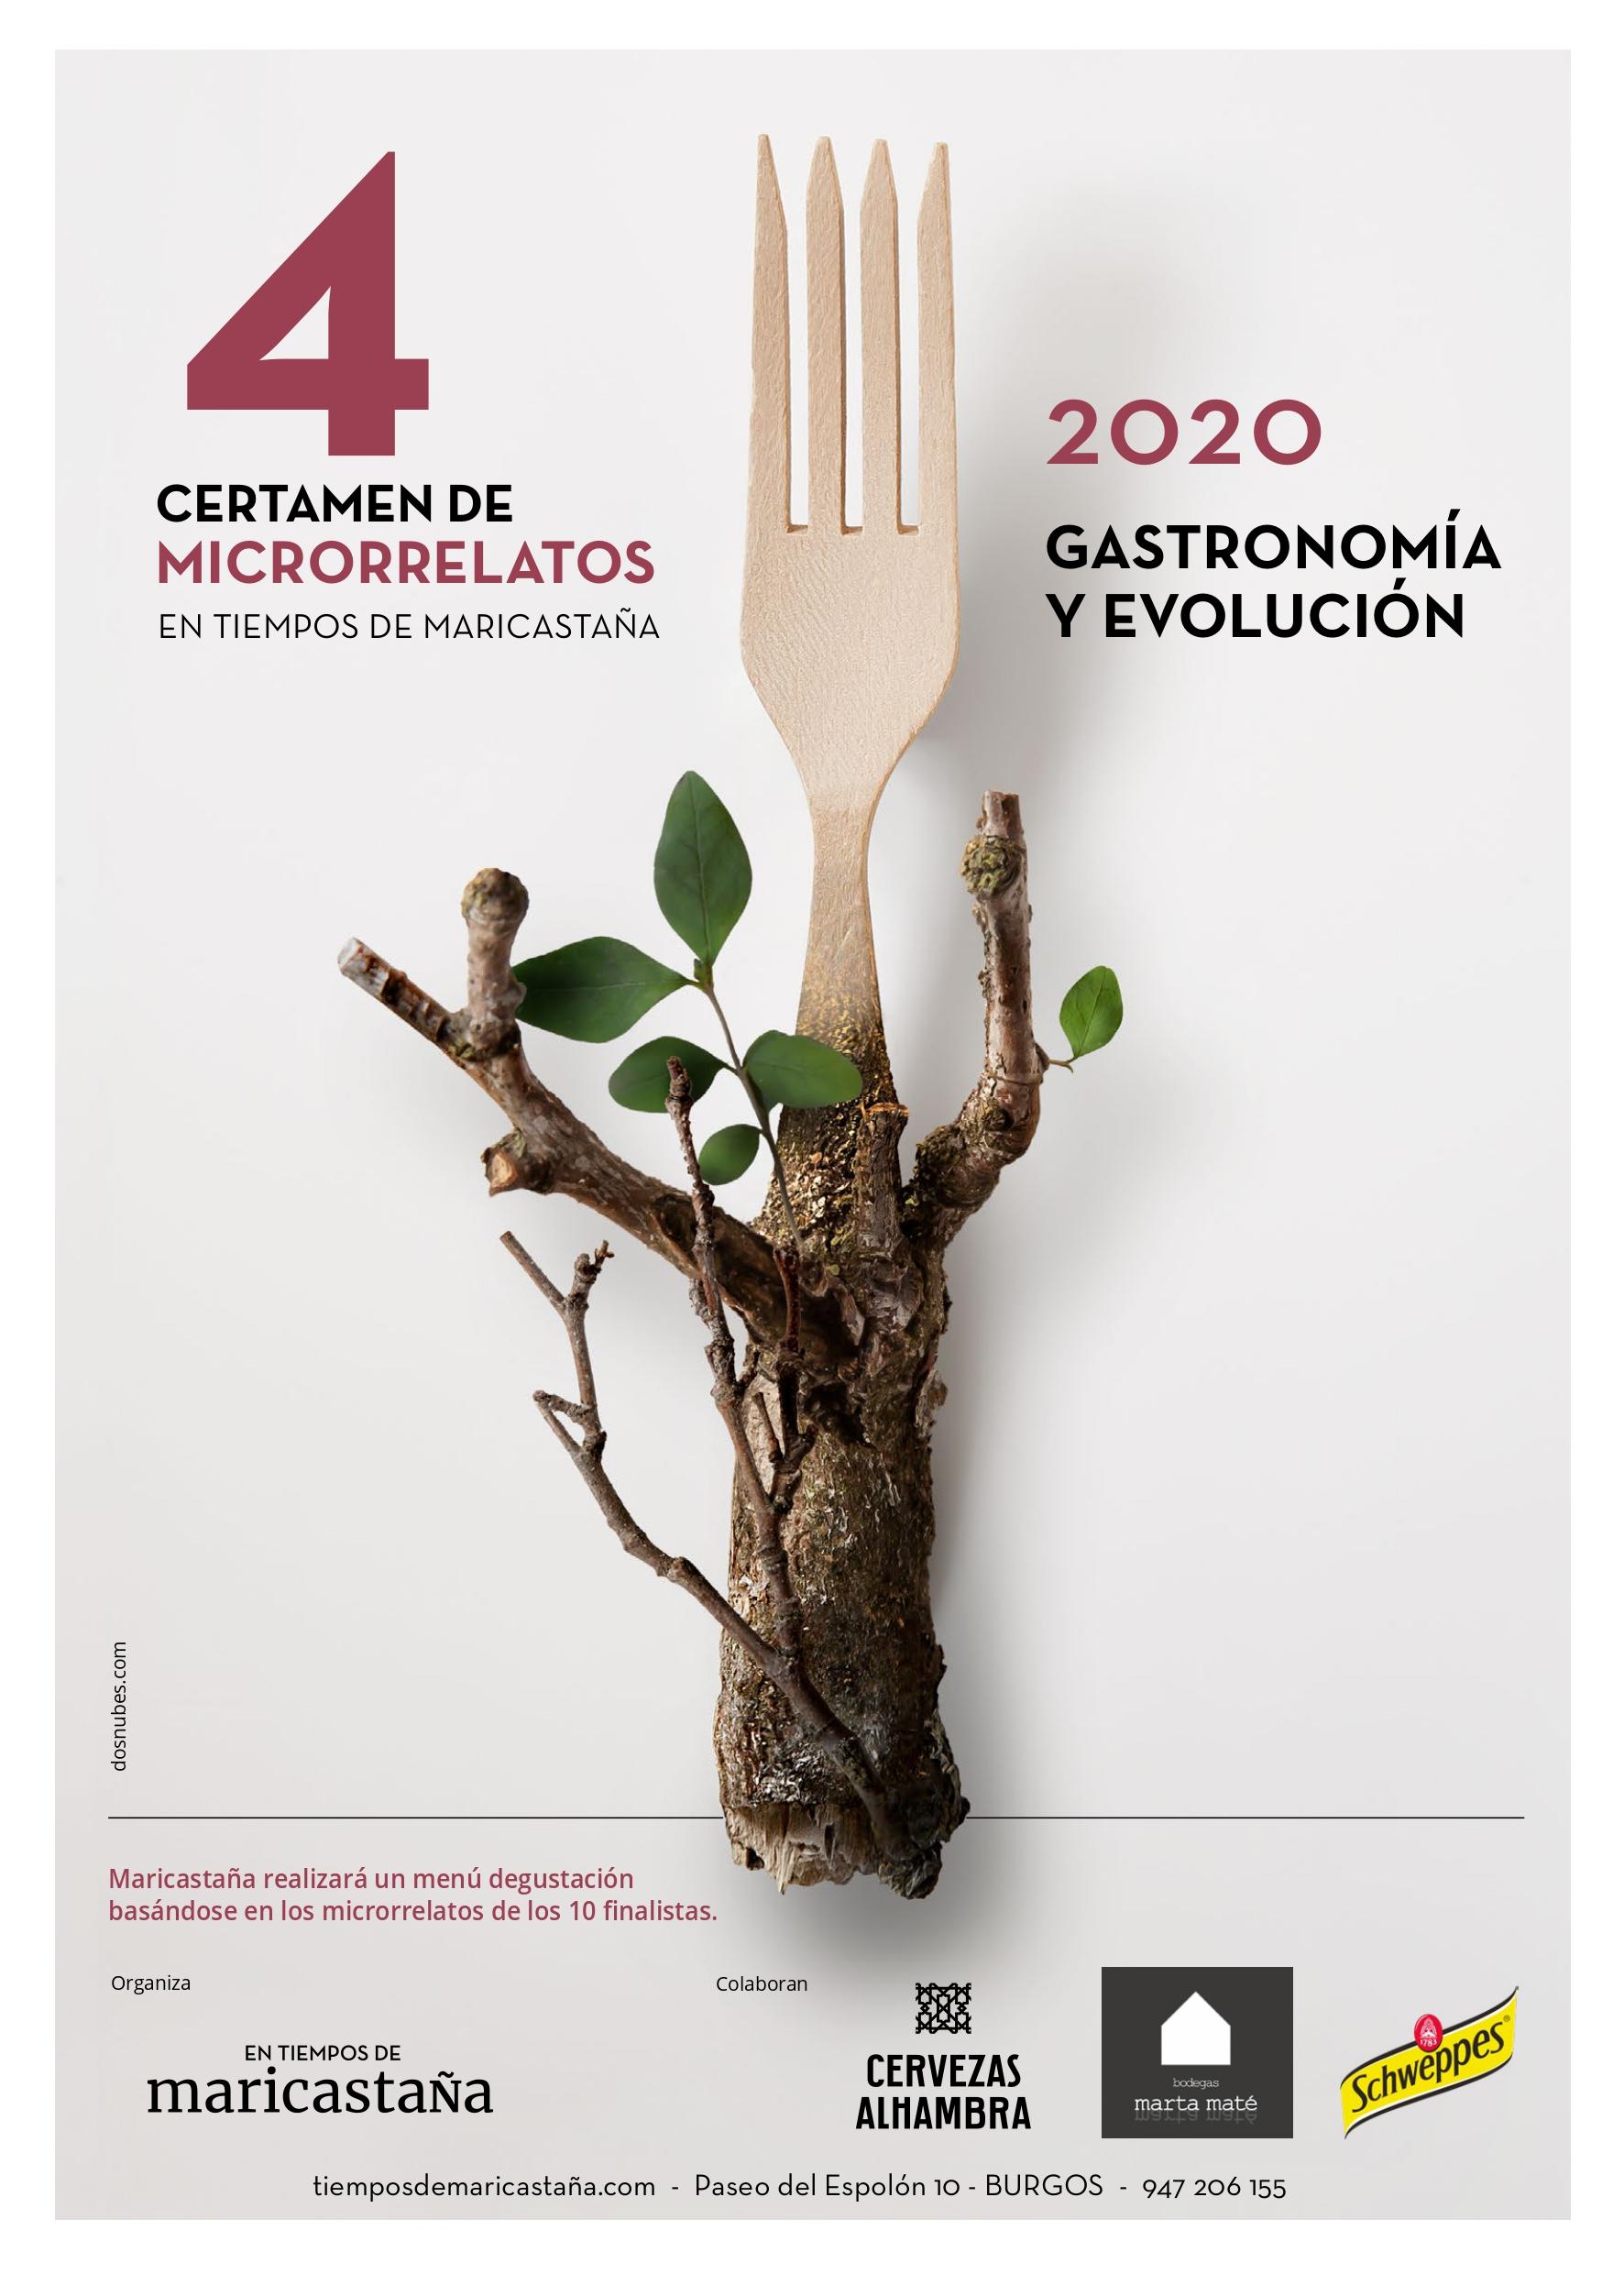 Microrrelatos de Maricastaña 2020